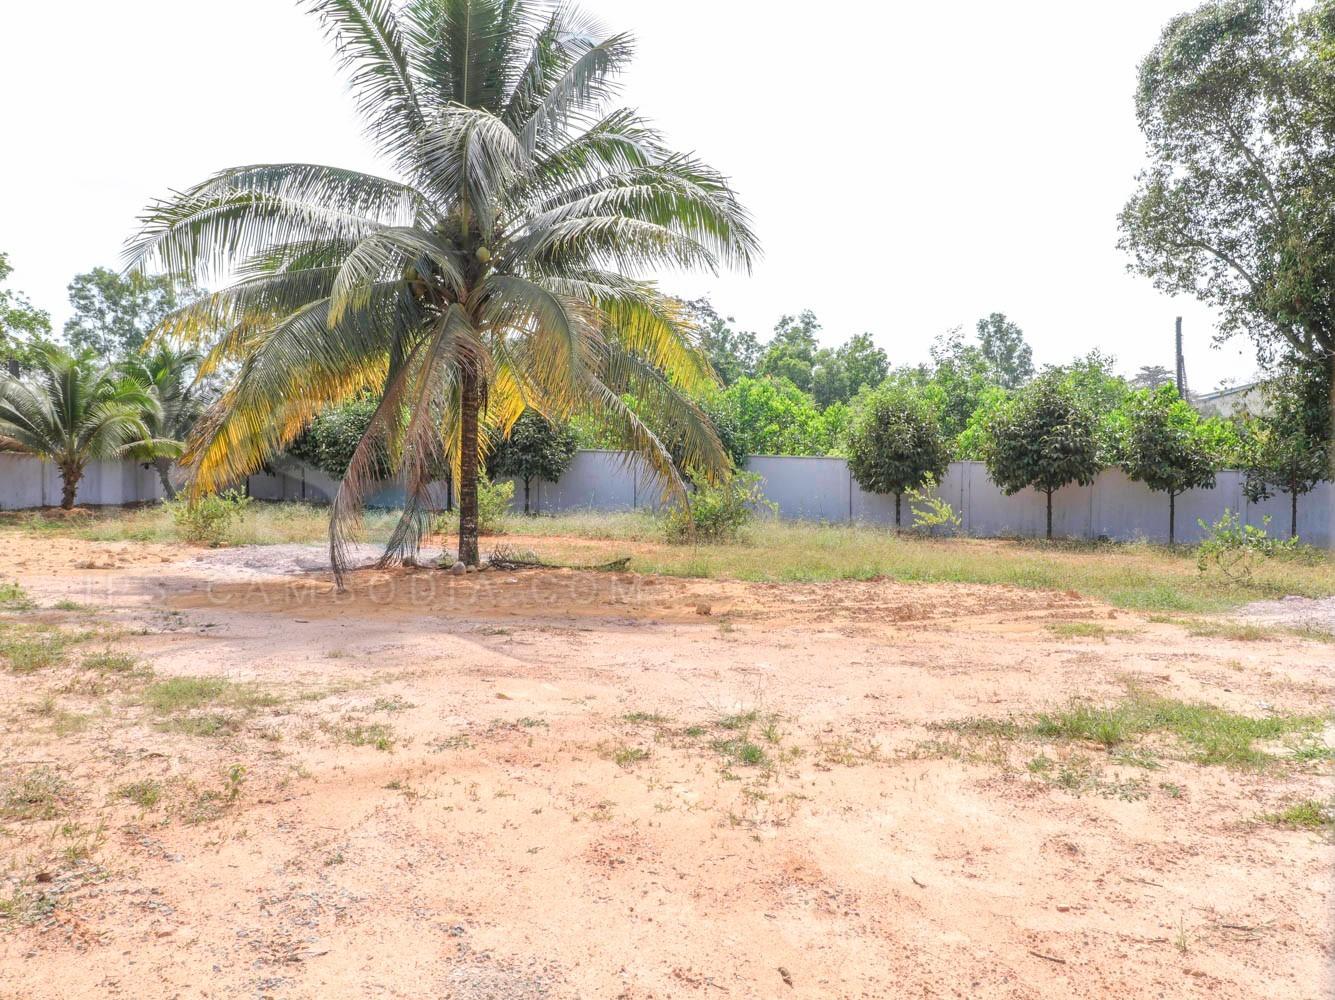 1406 sq.m. Land For Sale - Klang Leu, Sihanouk ville